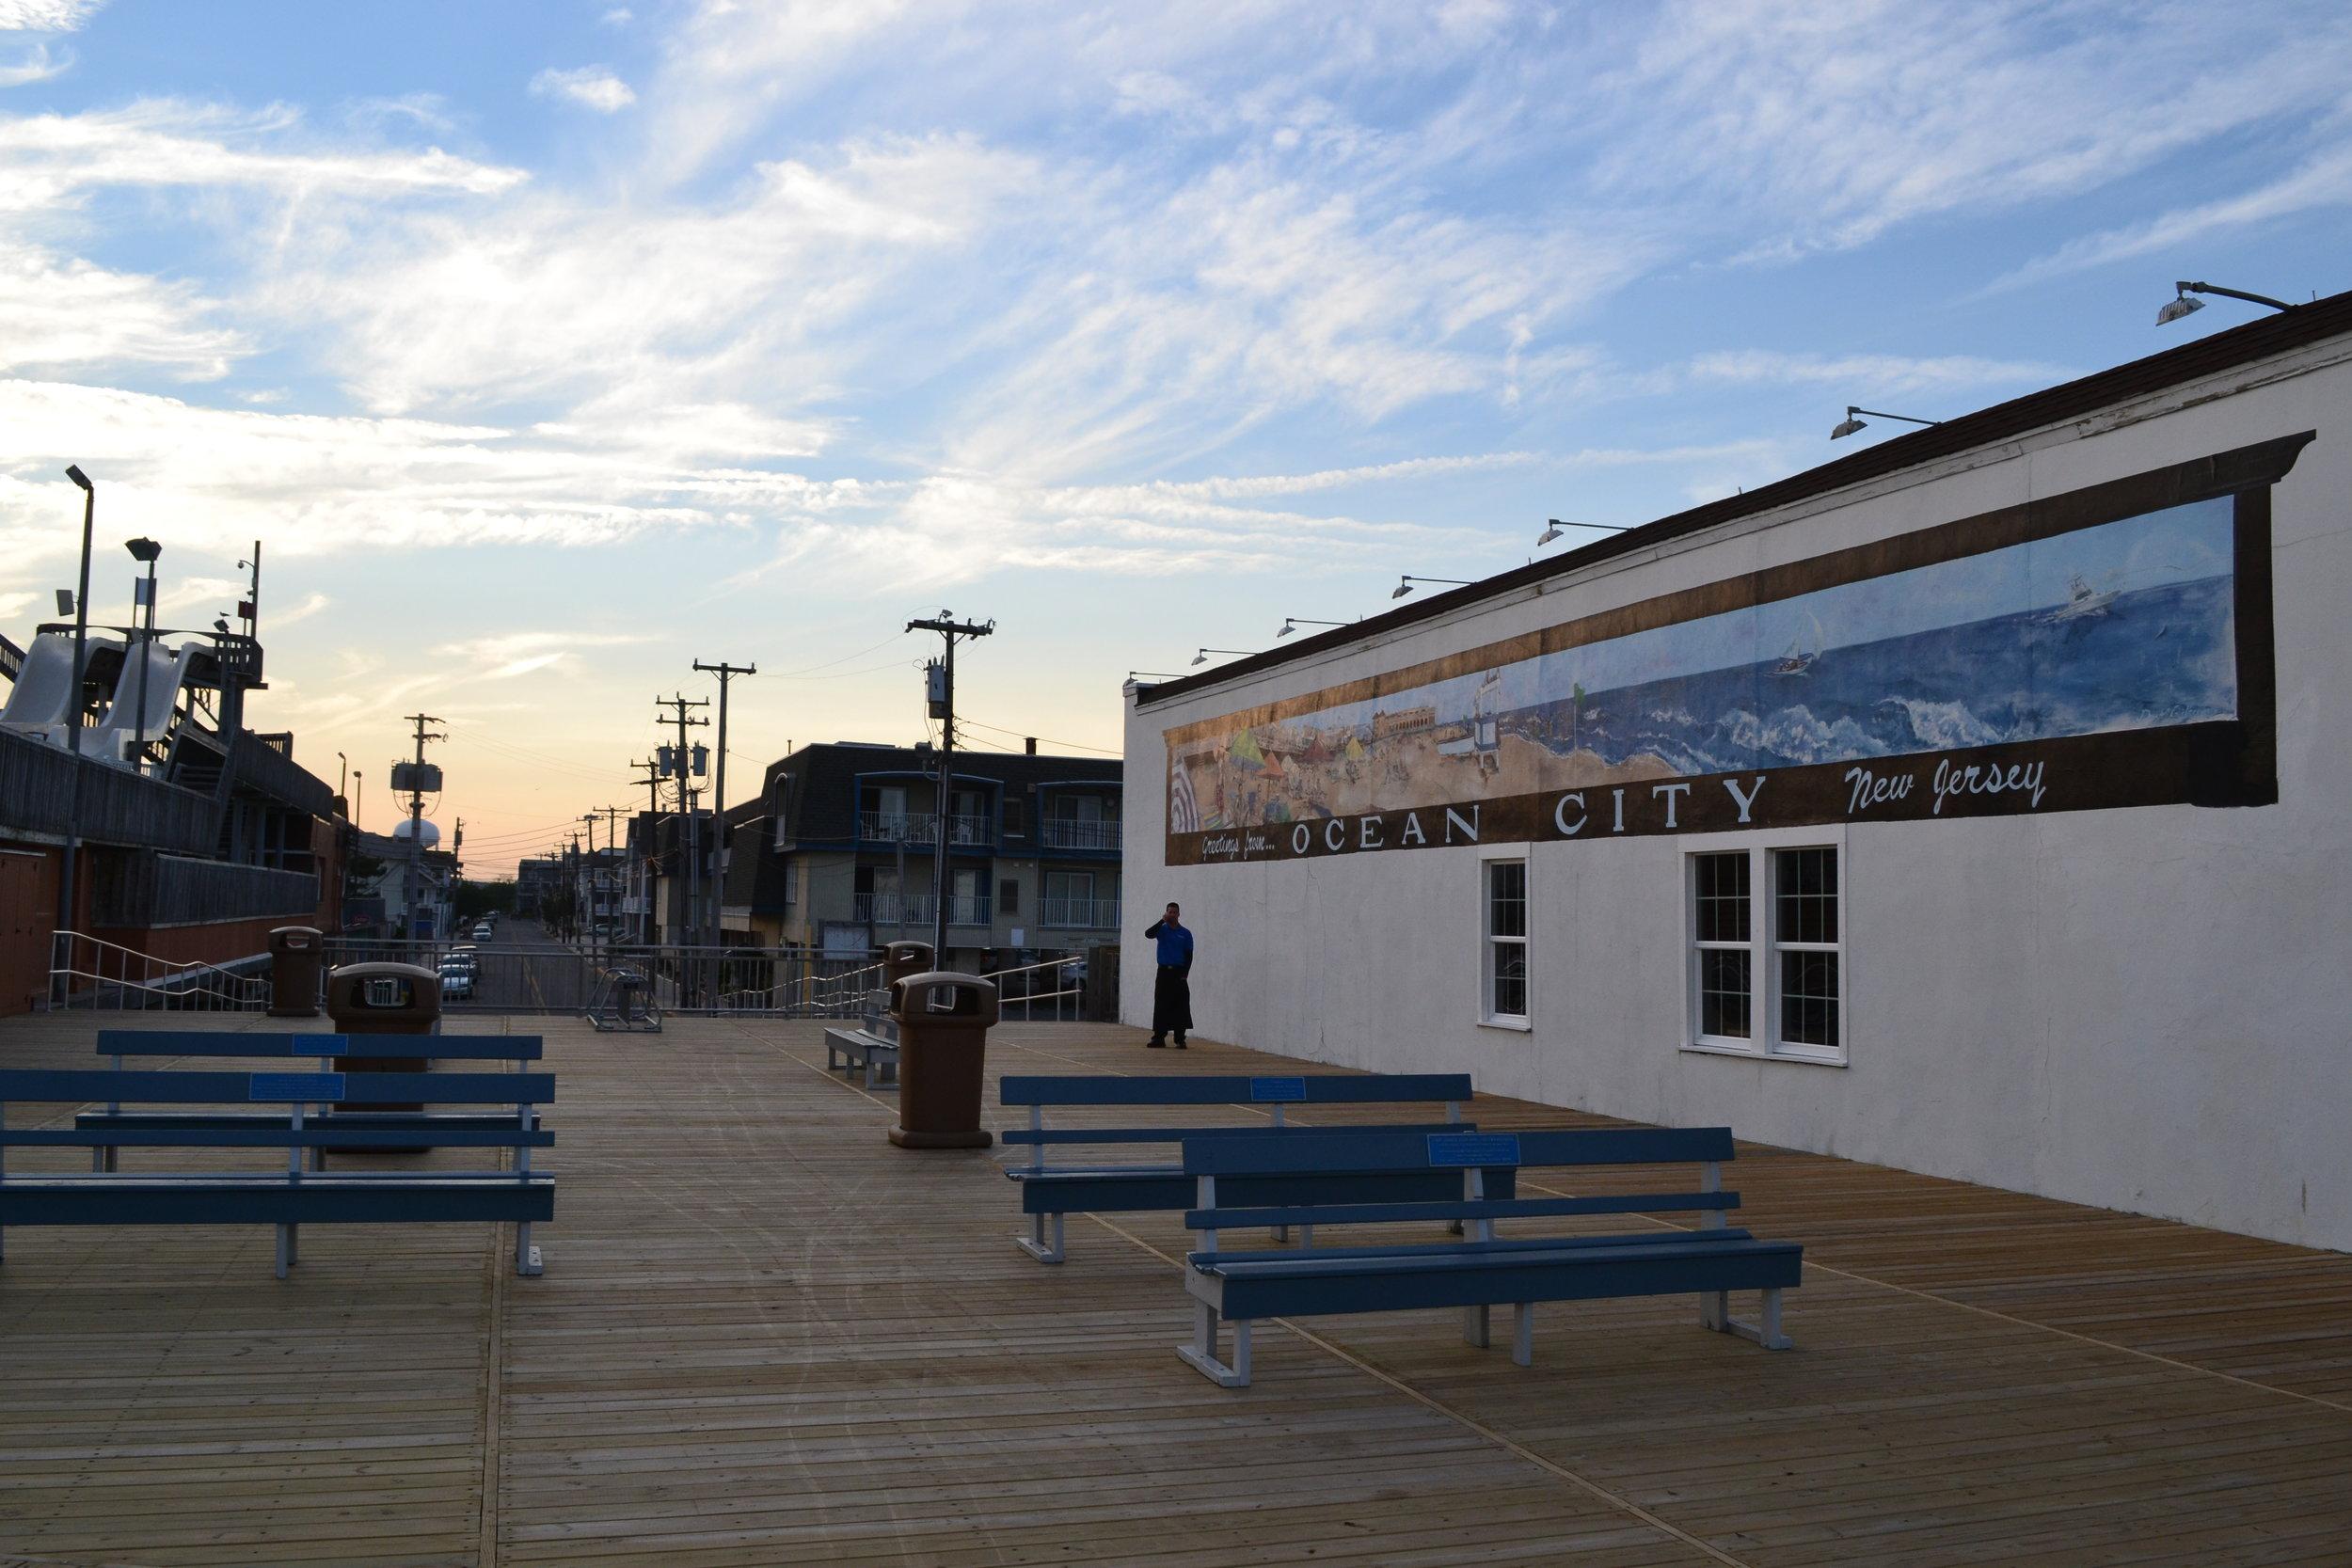 Boardwalk art at Ocean City.